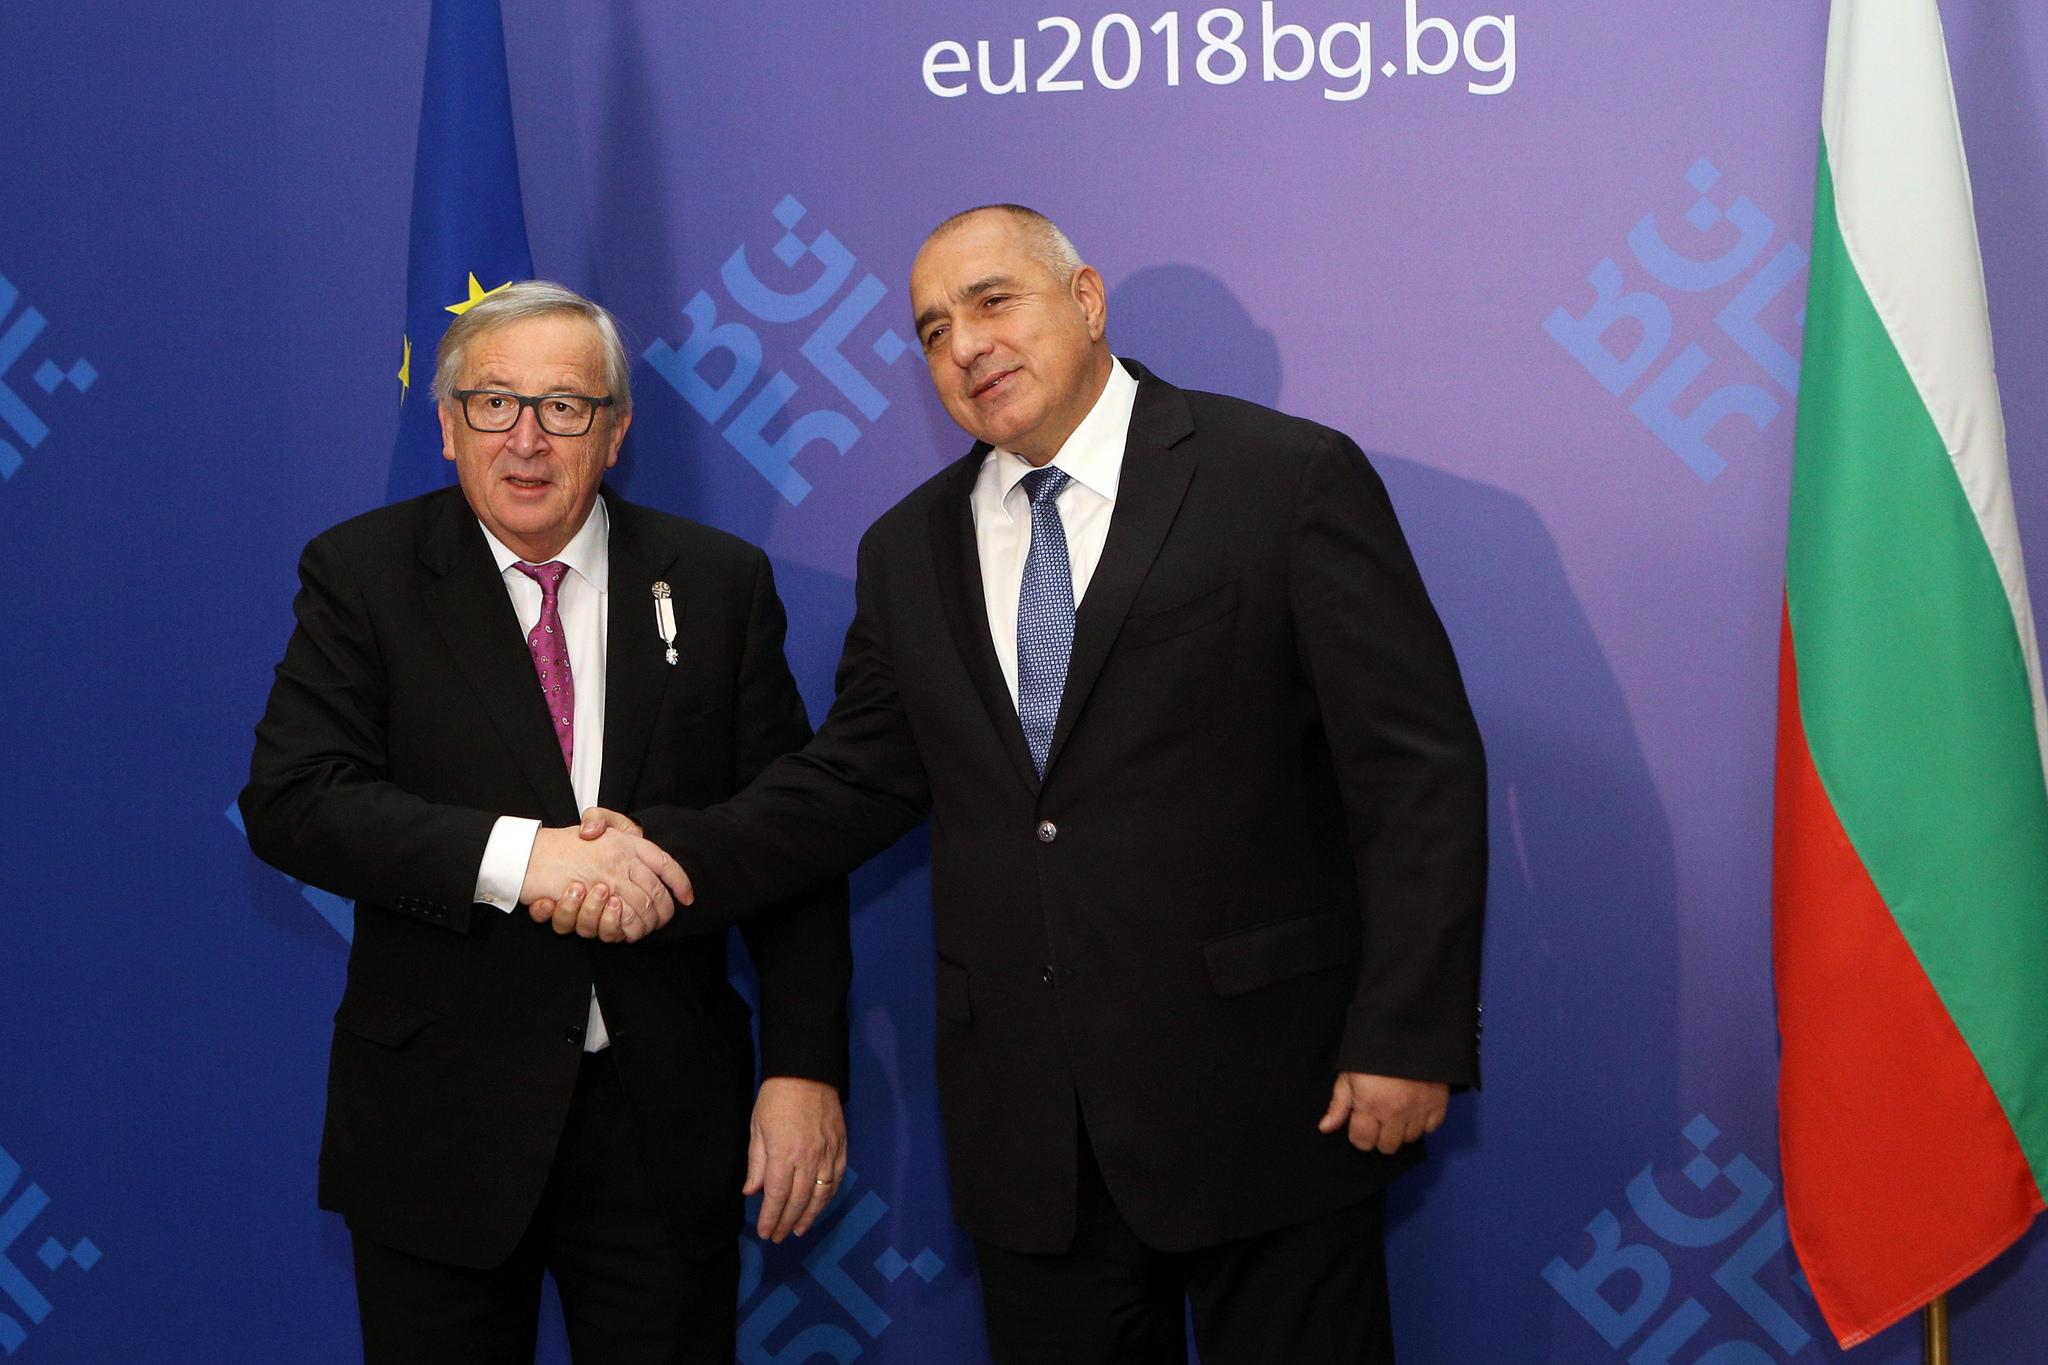 Jean-Claude Juncker e Boykko Borisov (foto EU2018BG Bulgarian Presidency)